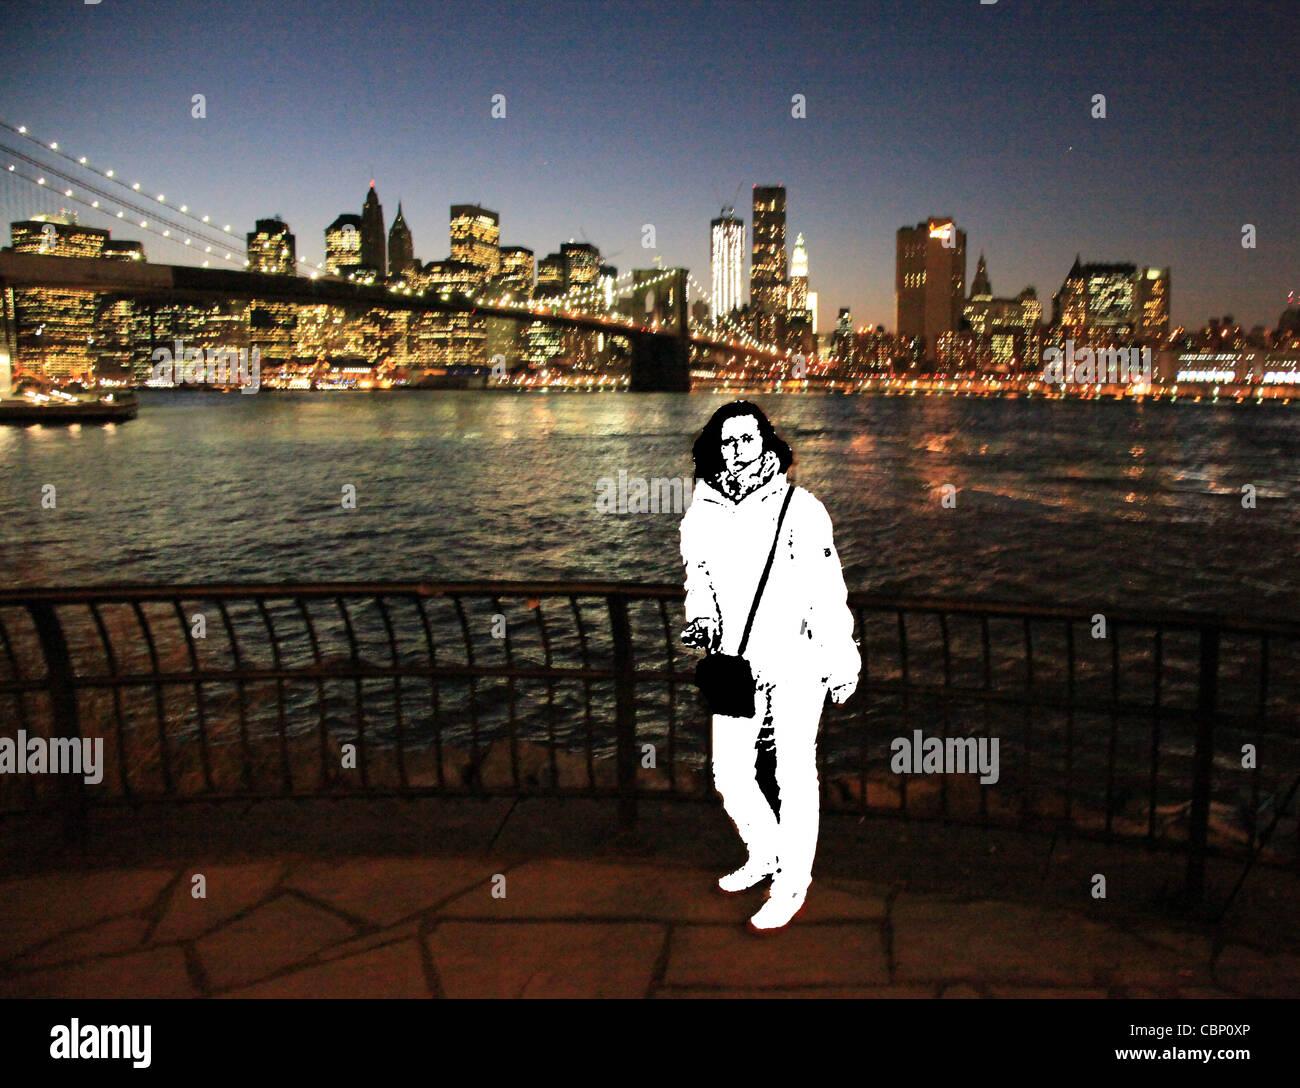 Estados Unidos Nueva York - Puente de Brooklyn en la noche con modelo especial en b/w Imagen De Stock